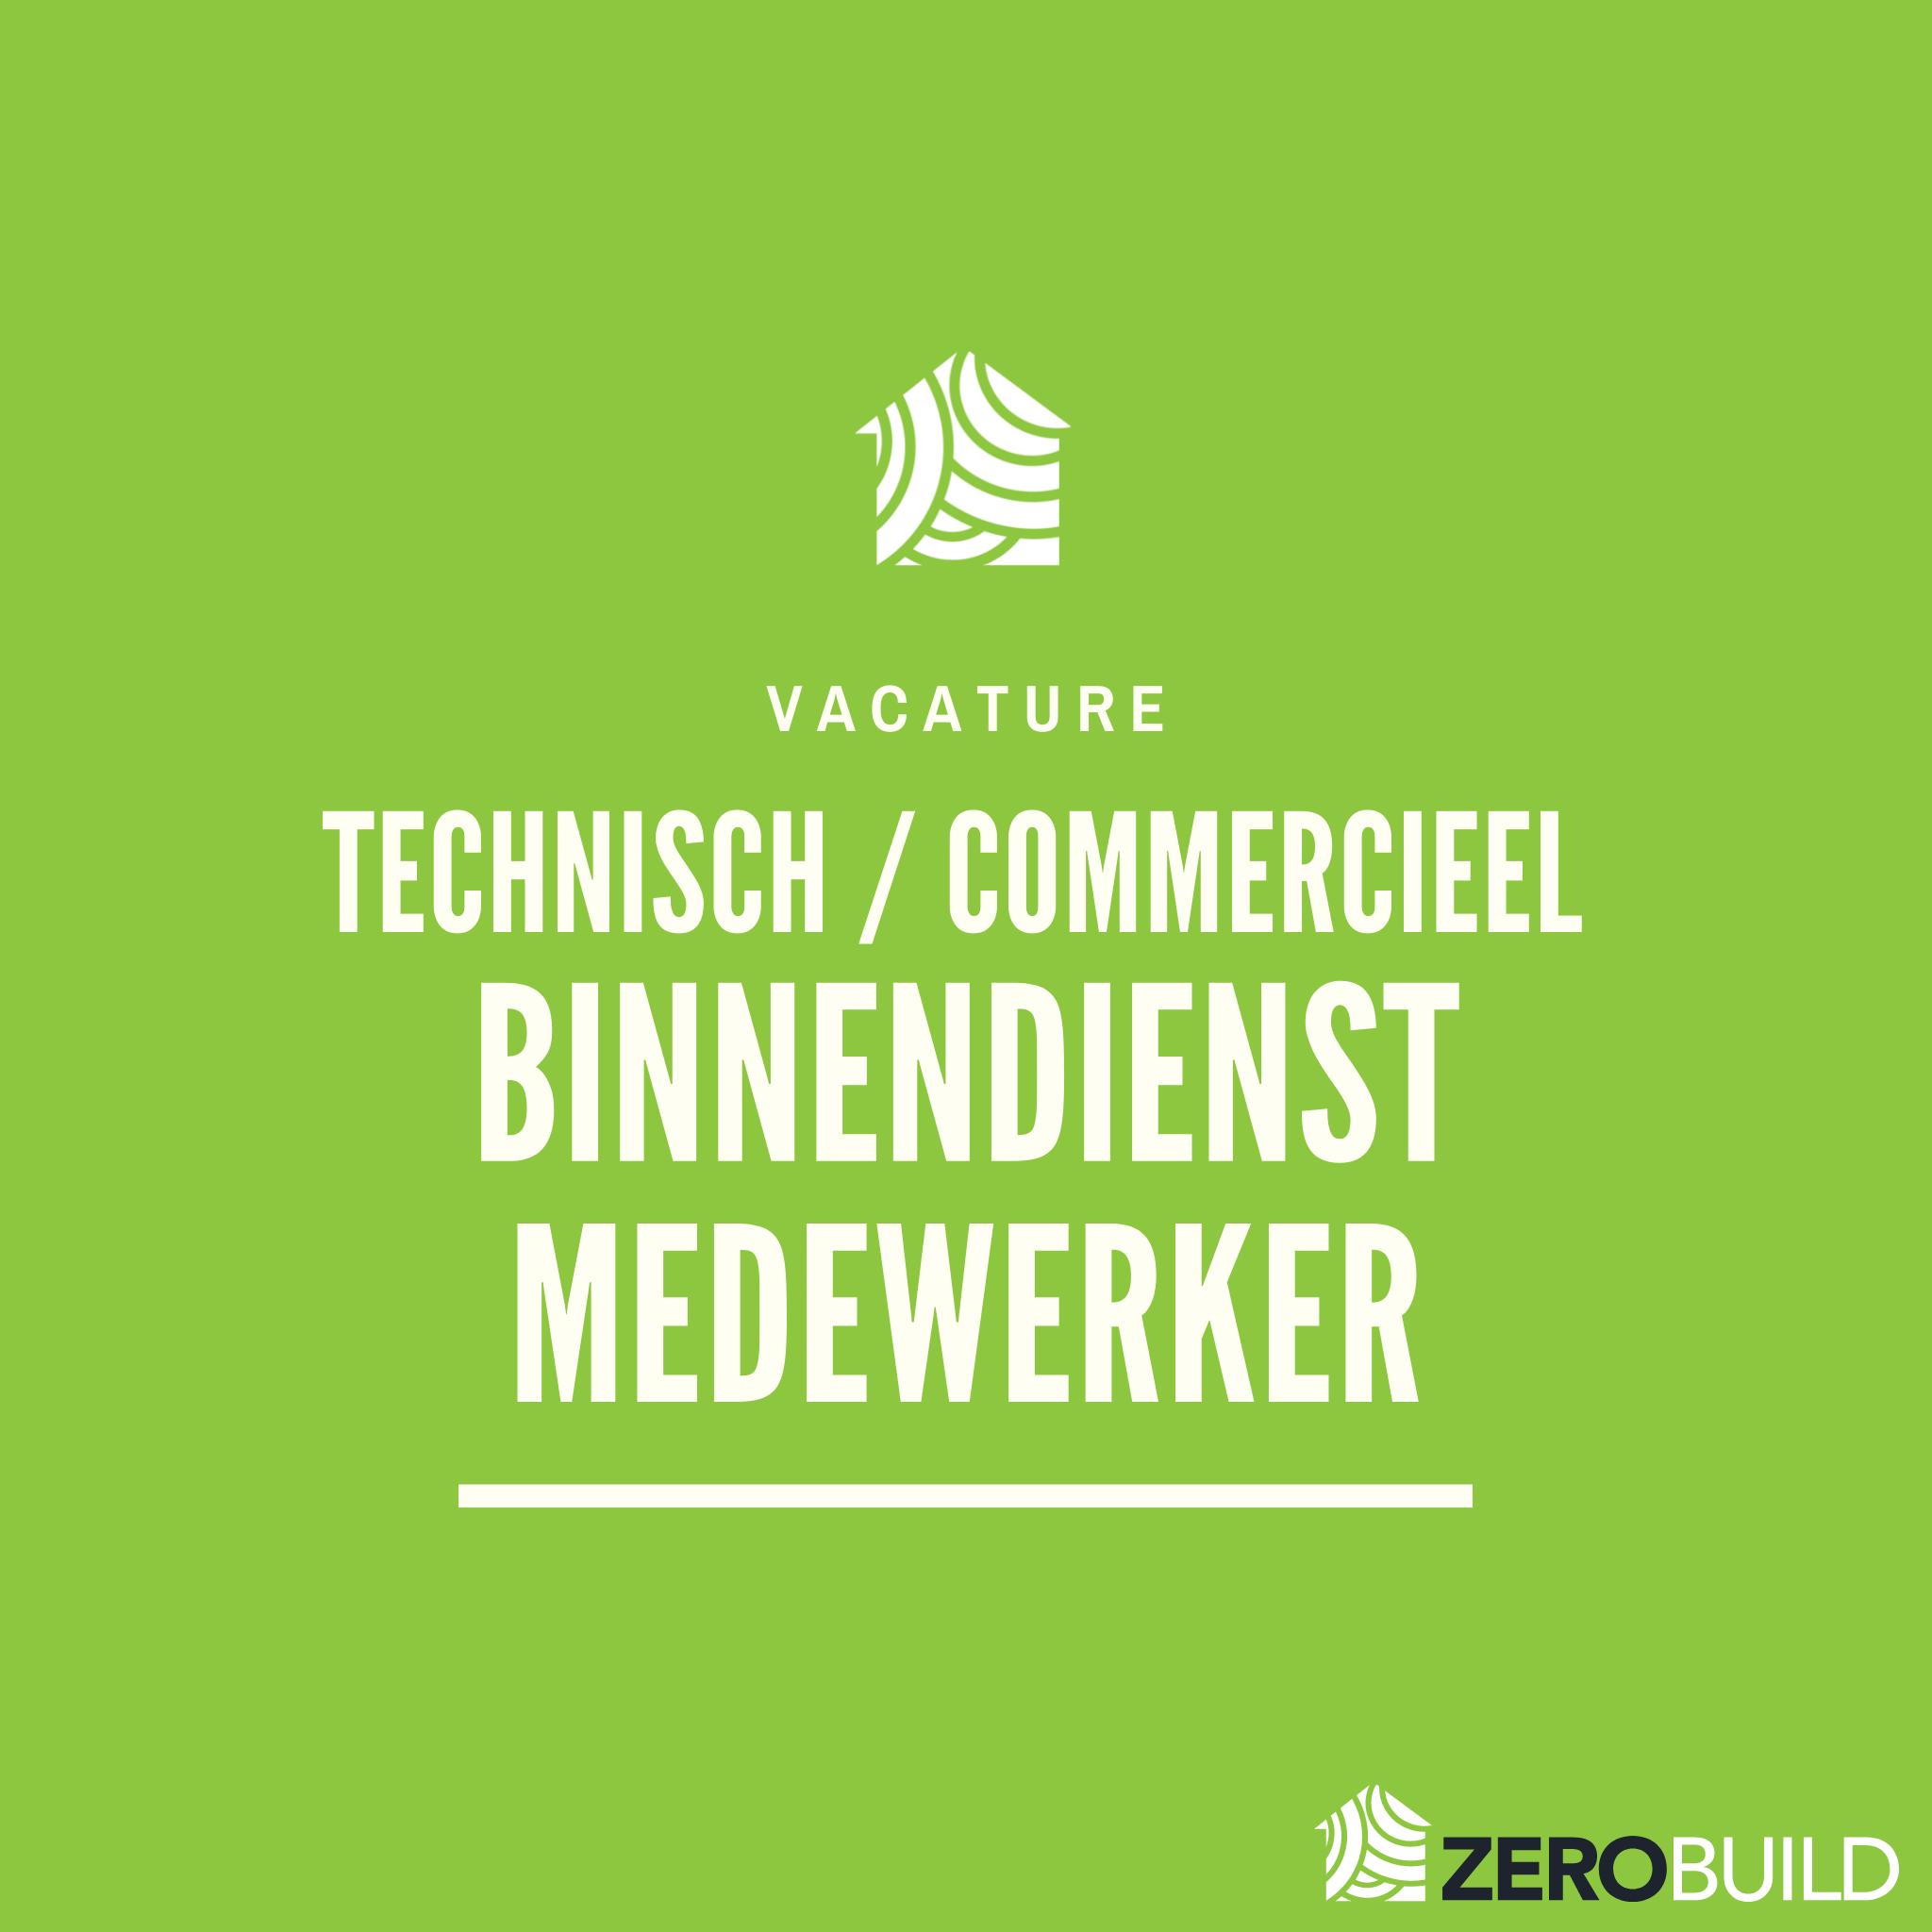 Zerobuild - Vacature technisch/commercieel binnendienst medewerker